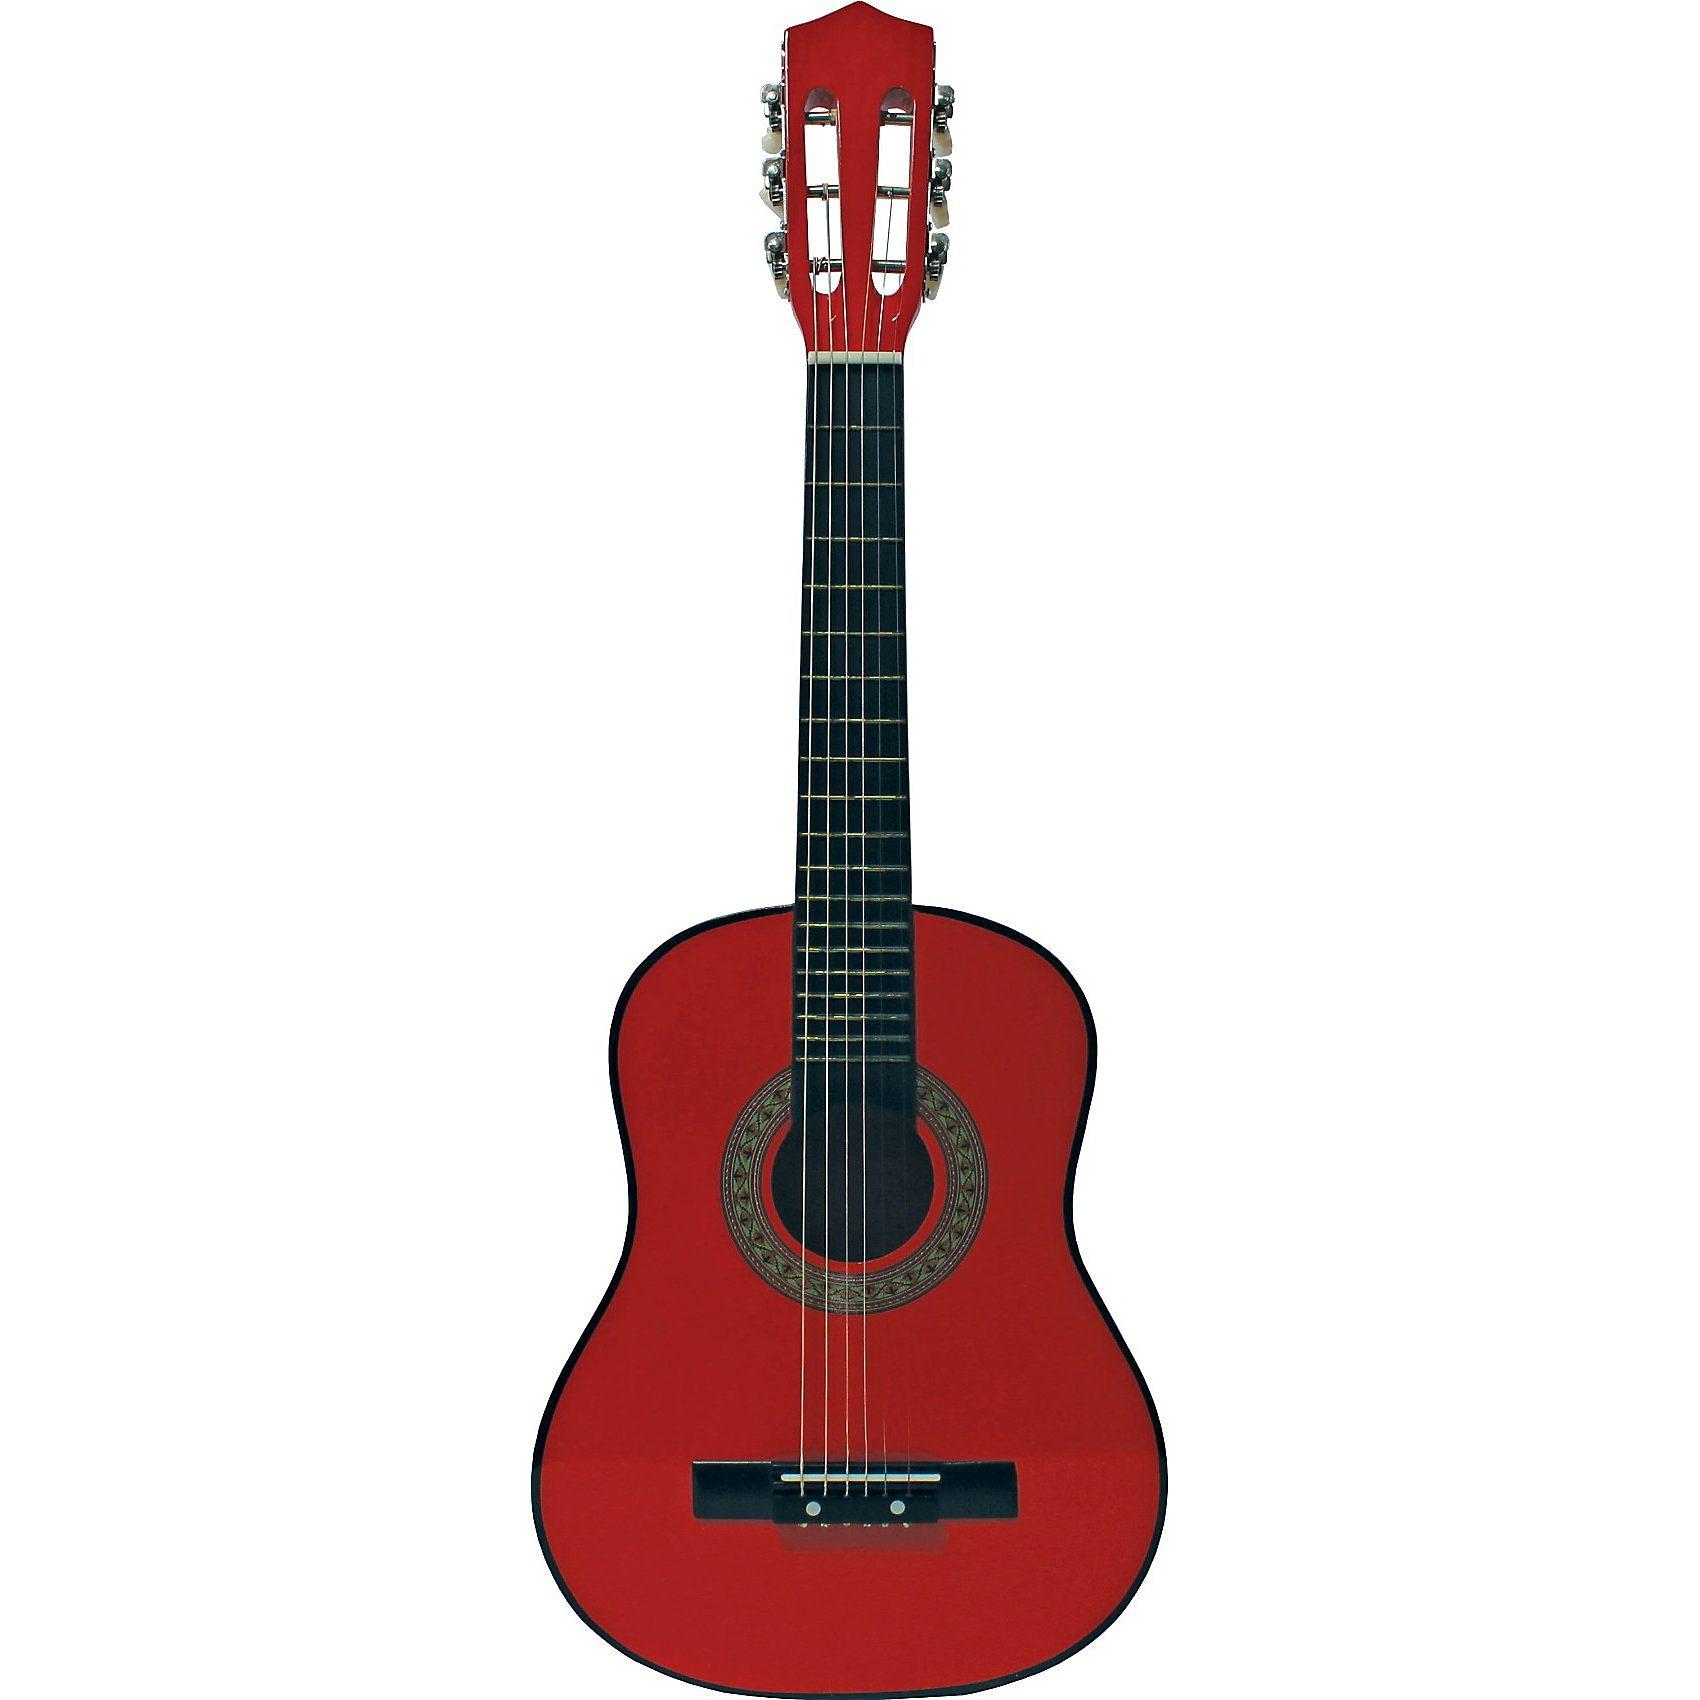 Eitech Gitarre professionell - rot 76 cm, inkl. Tasche und Gitarren